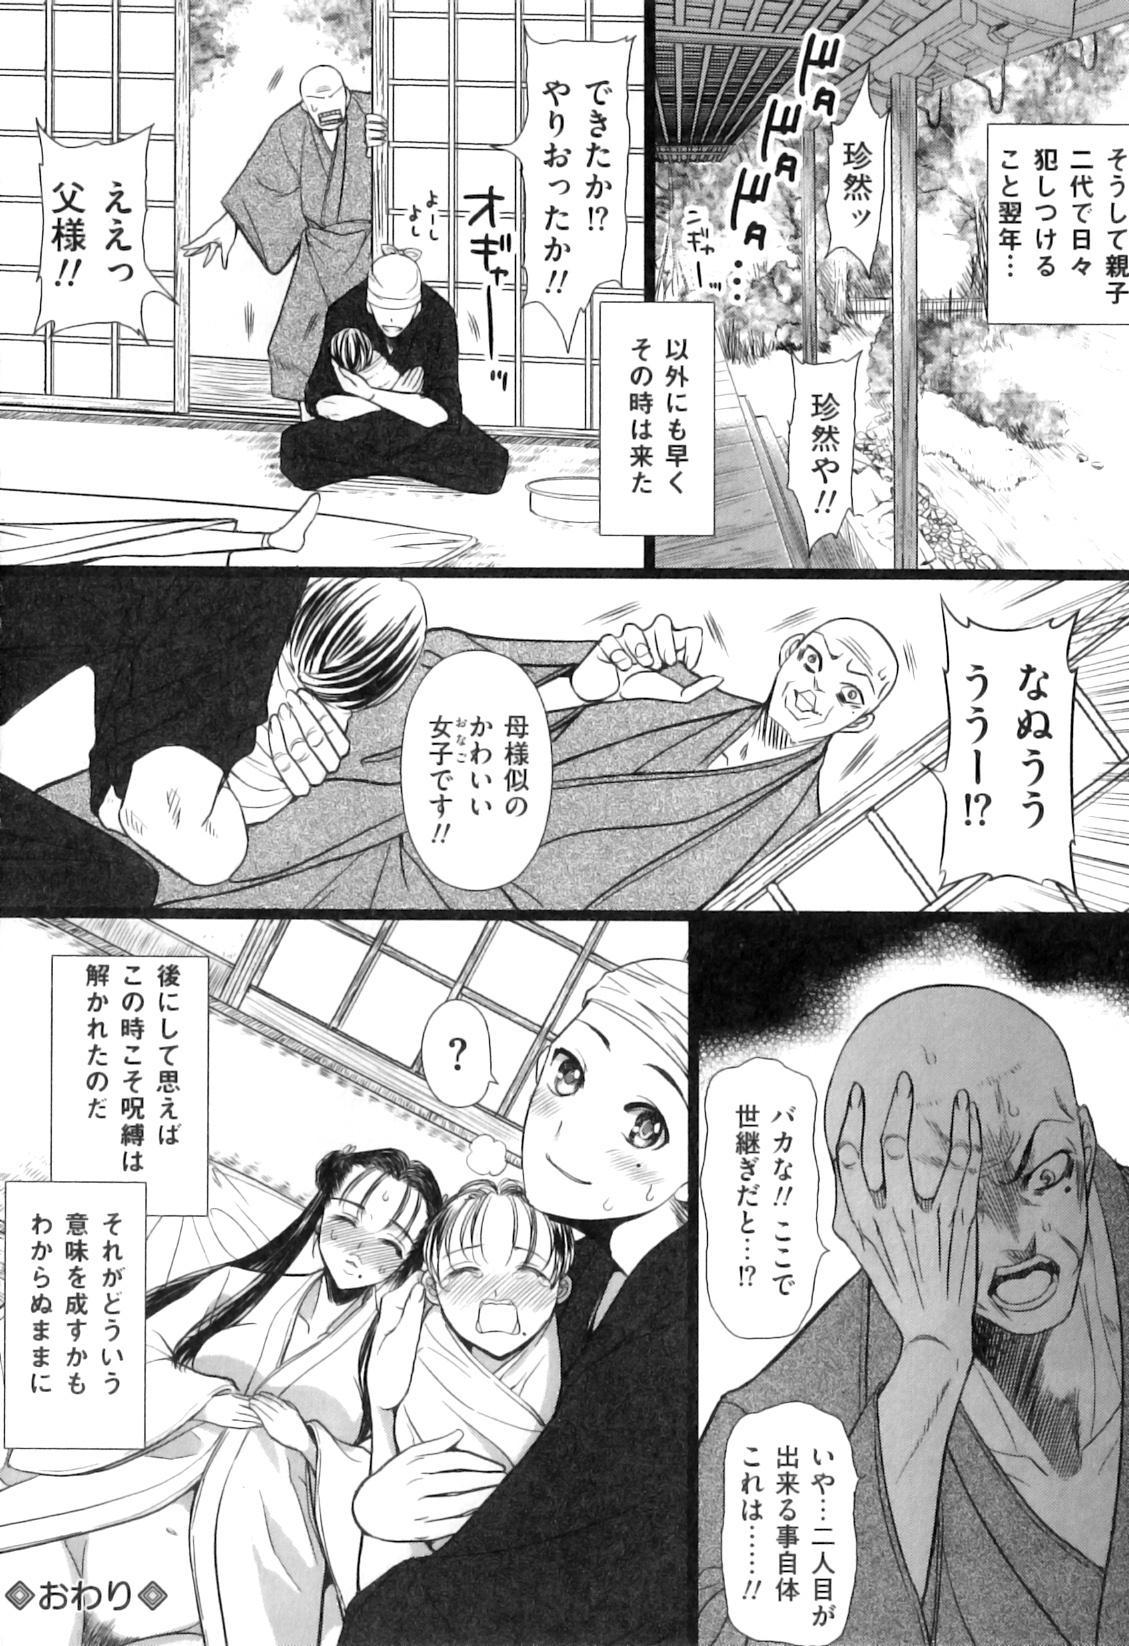 COMIC Juuyoku Vol. 07 58